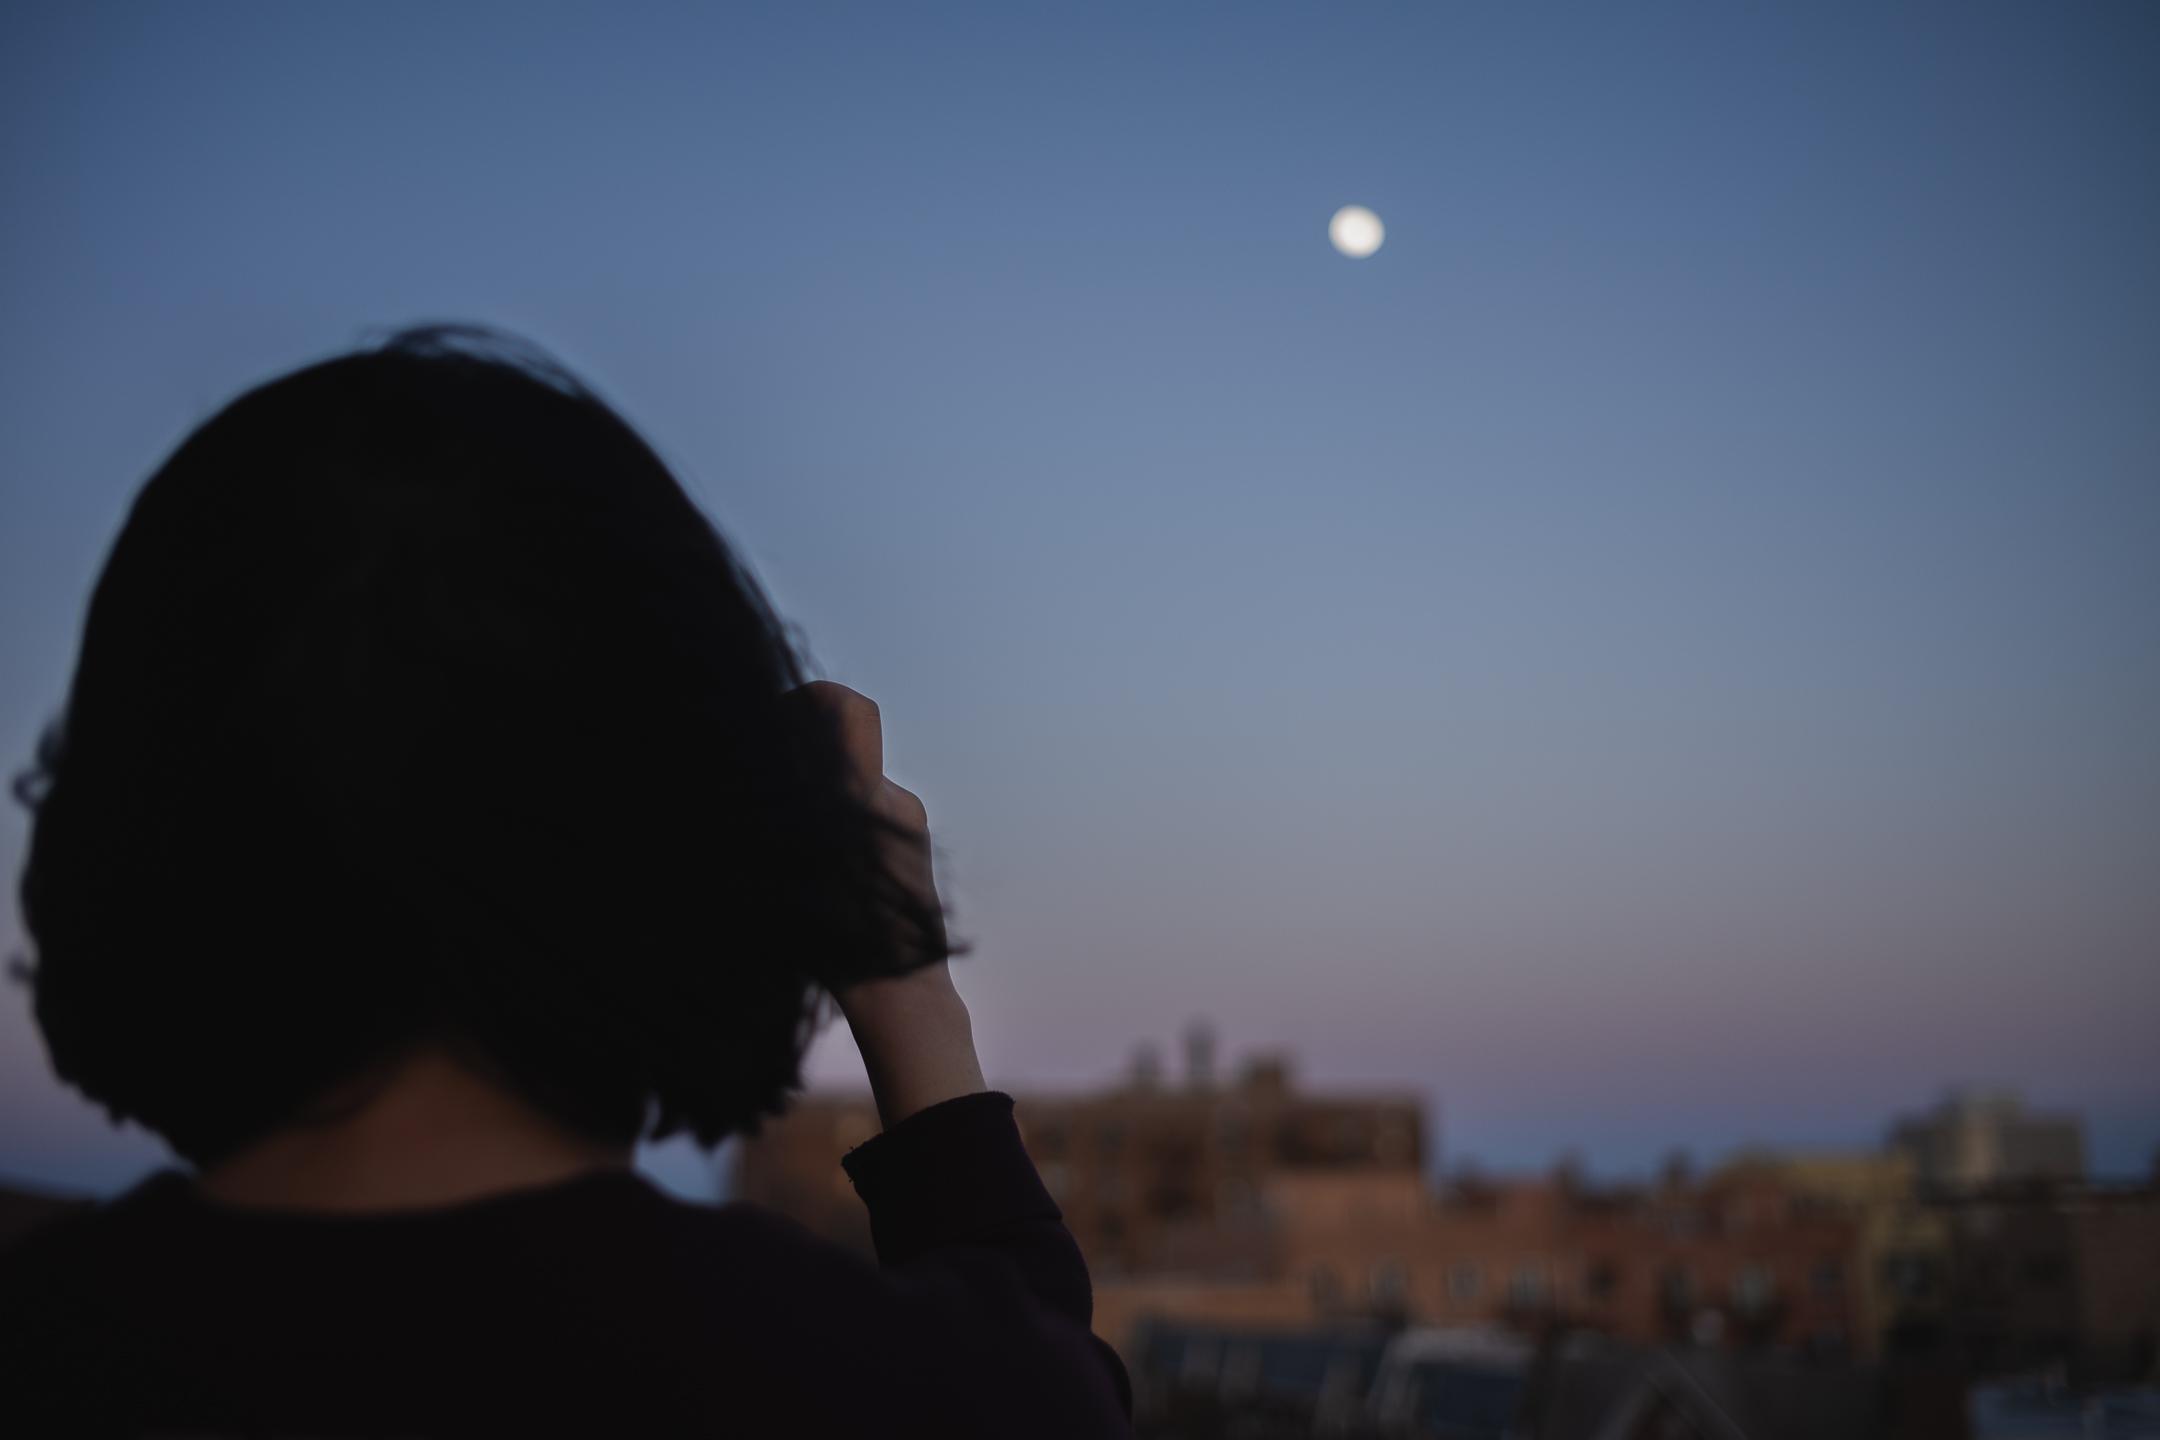 徕卡 Leica M10